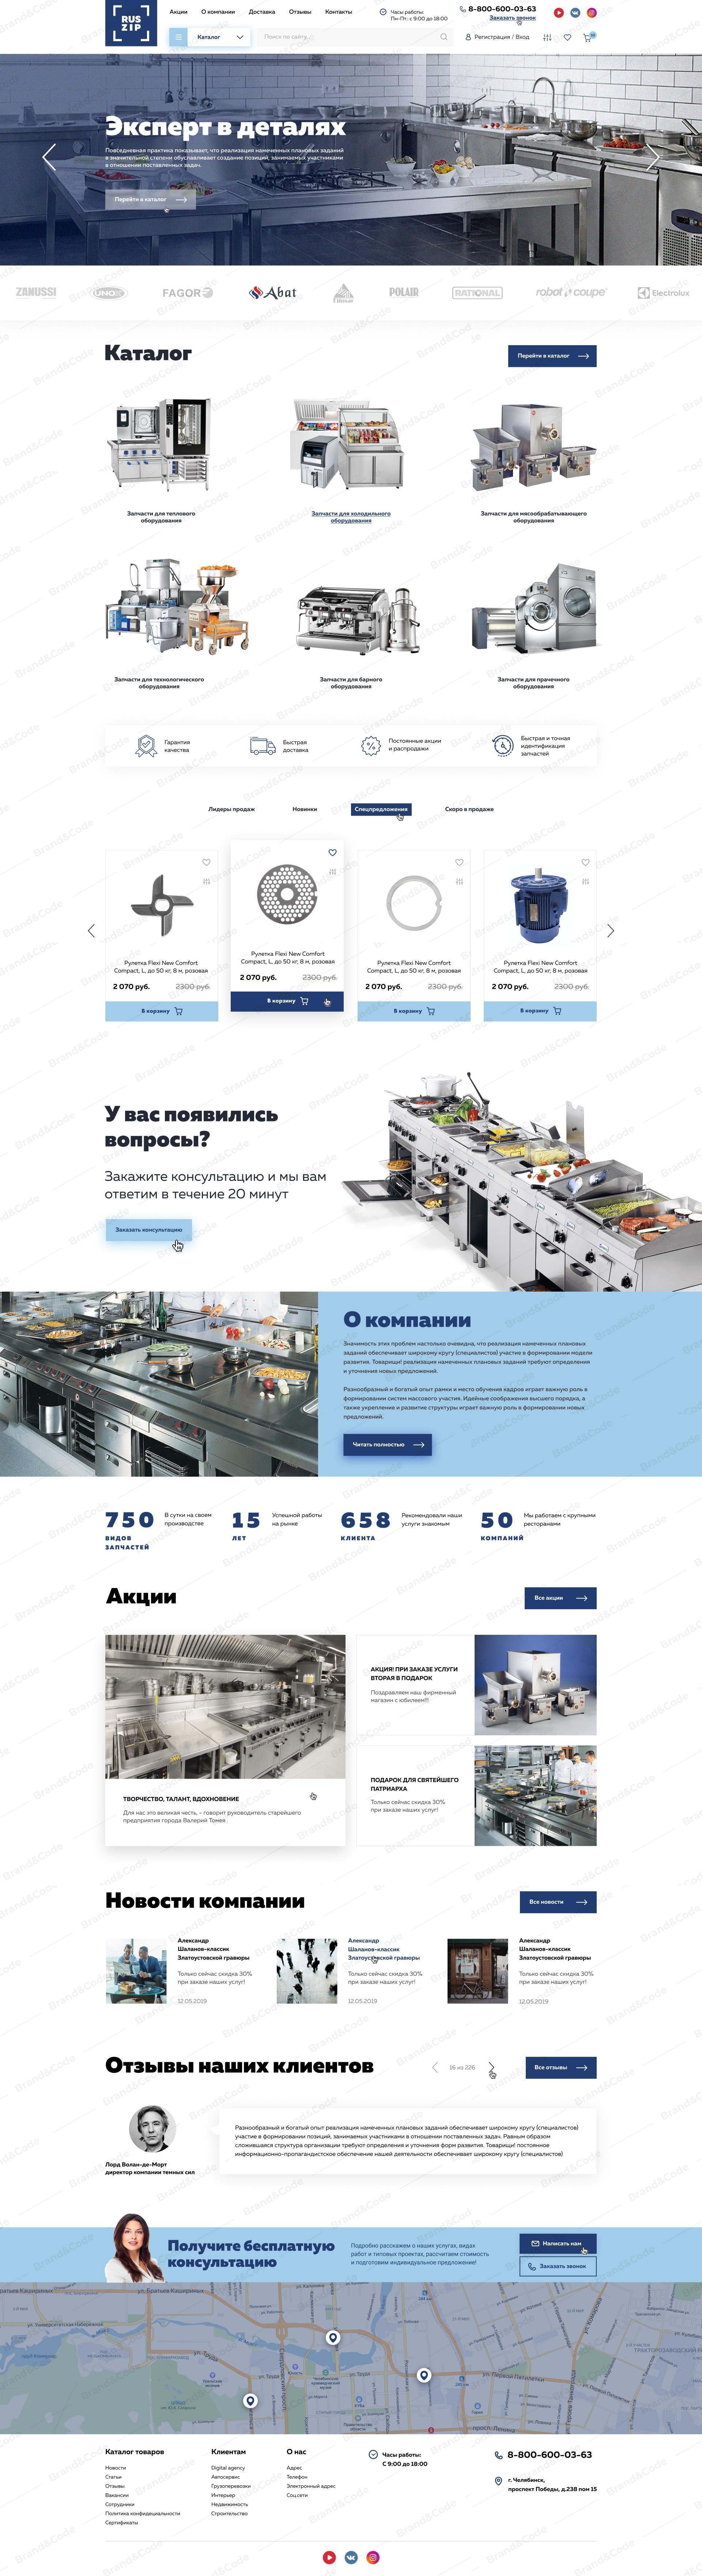 РусЗипУрал - ремонт и продажа профессиональной техники для ресторанов